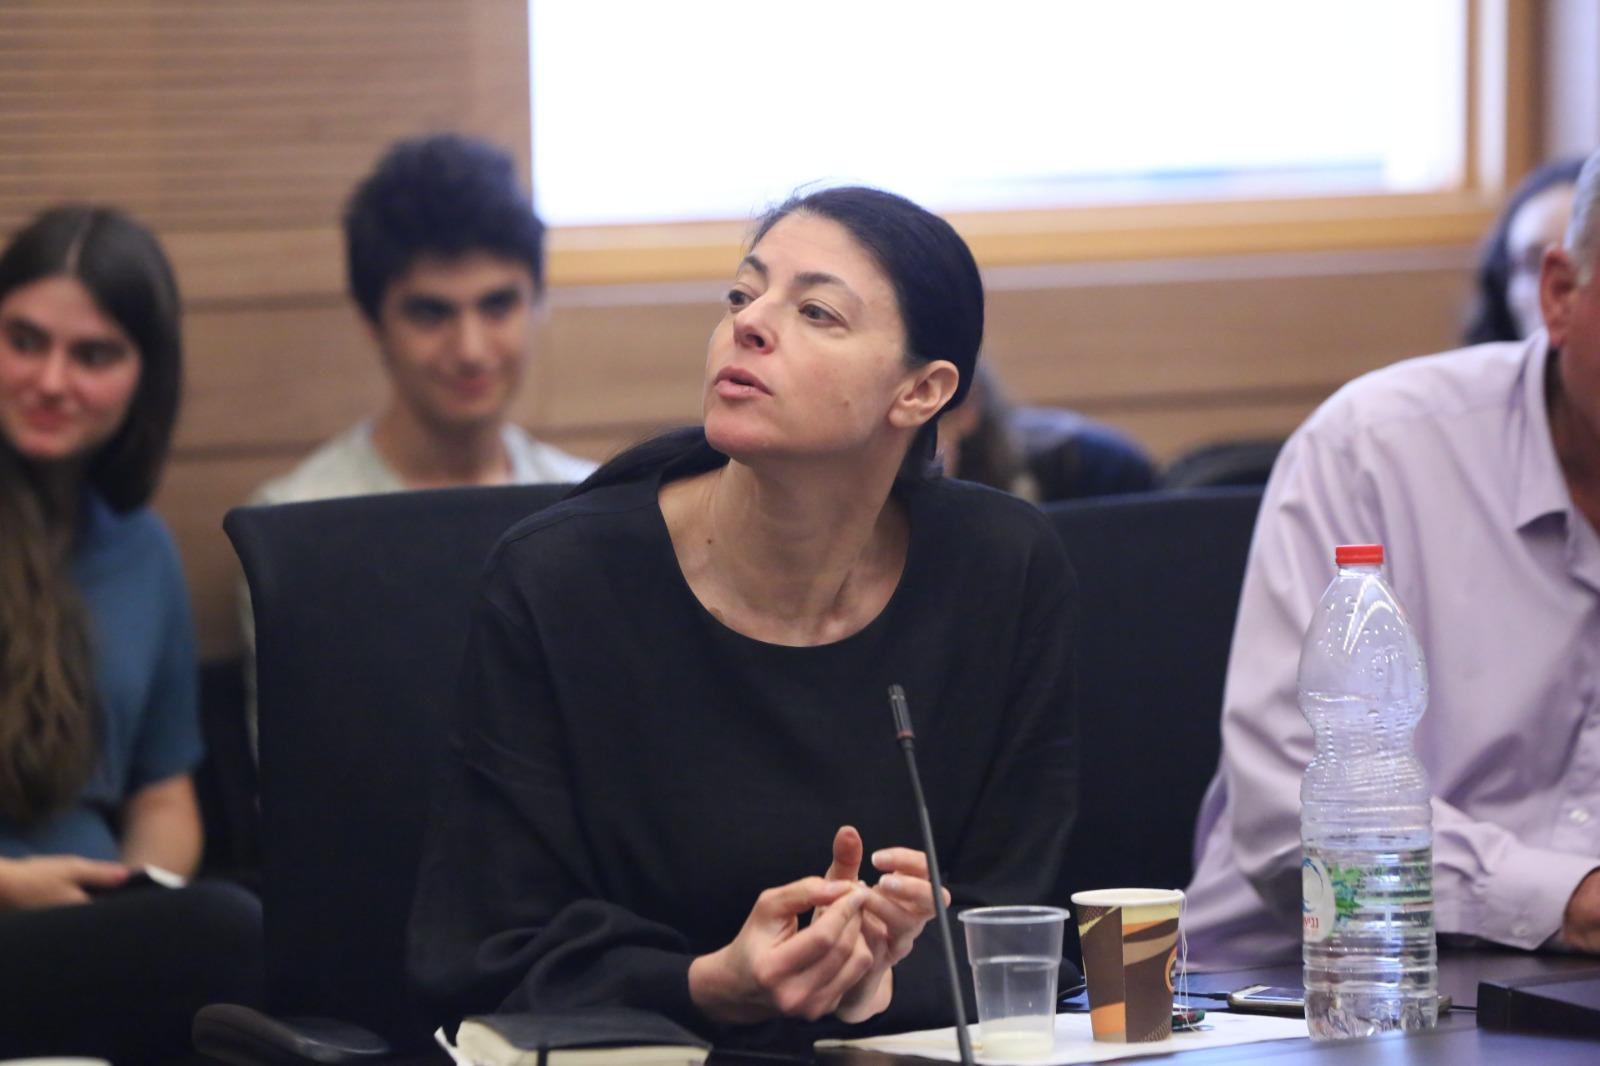 הומלסית פוליטית: הצצה דמיונית לראשה של אורלי לוי